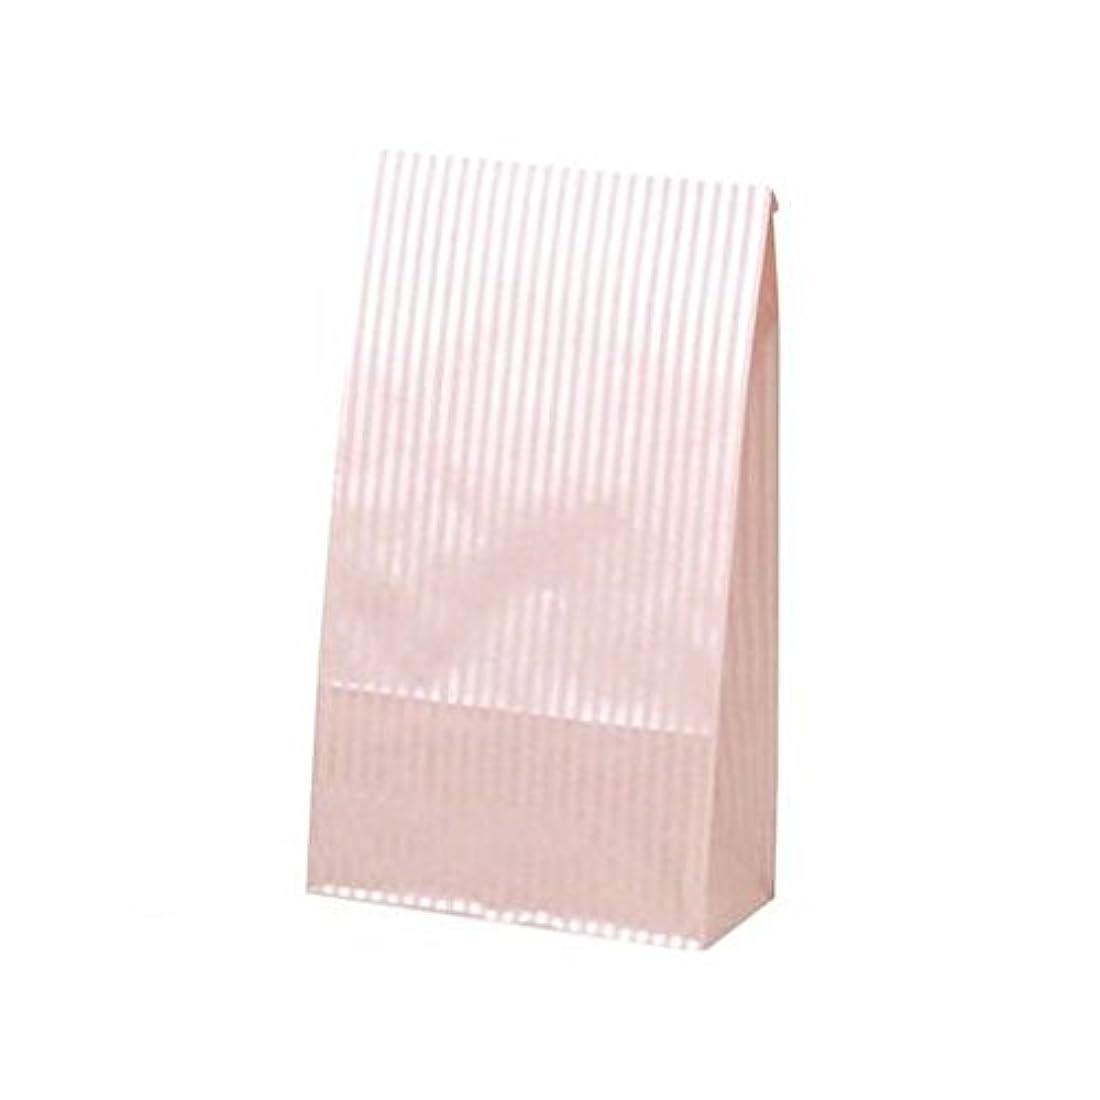 測定可能意見クランシーCN90289 ギフトバッグ 角底袋 クリスタルピンク